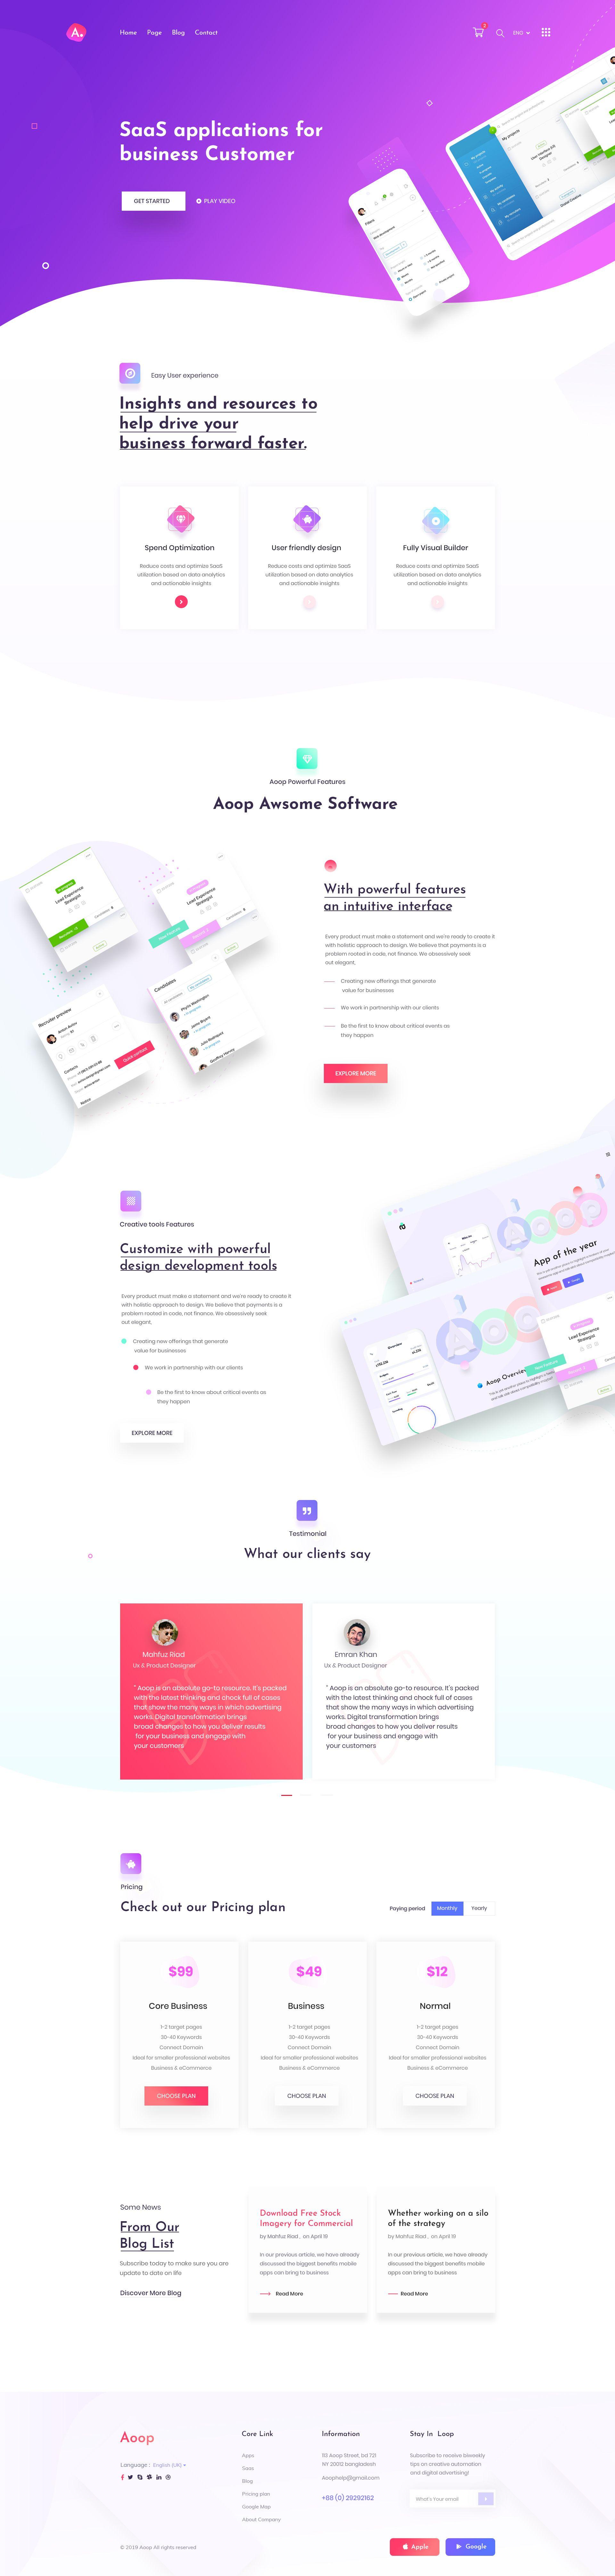 Top 12 Web Design Trends 2020 In 2020 Web Design Best Landing Page Design Web Design Trends